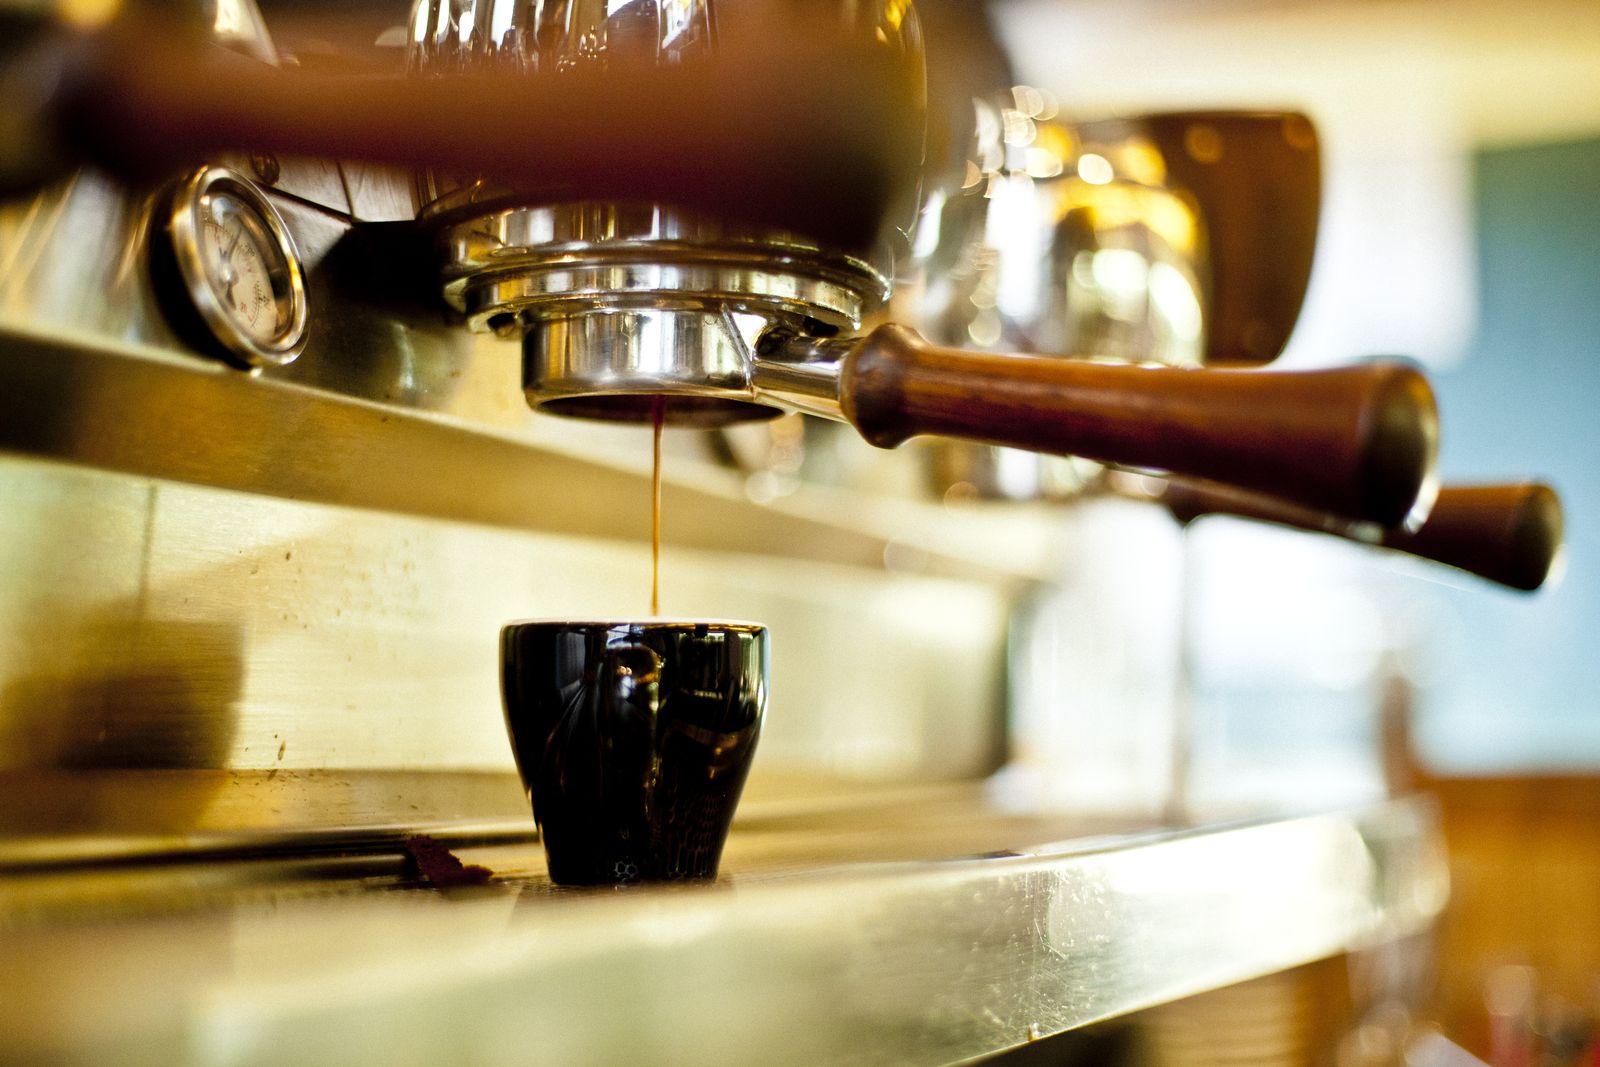 NICHT MEHR VERWENDEN! - Espresso/ Espressomaschine